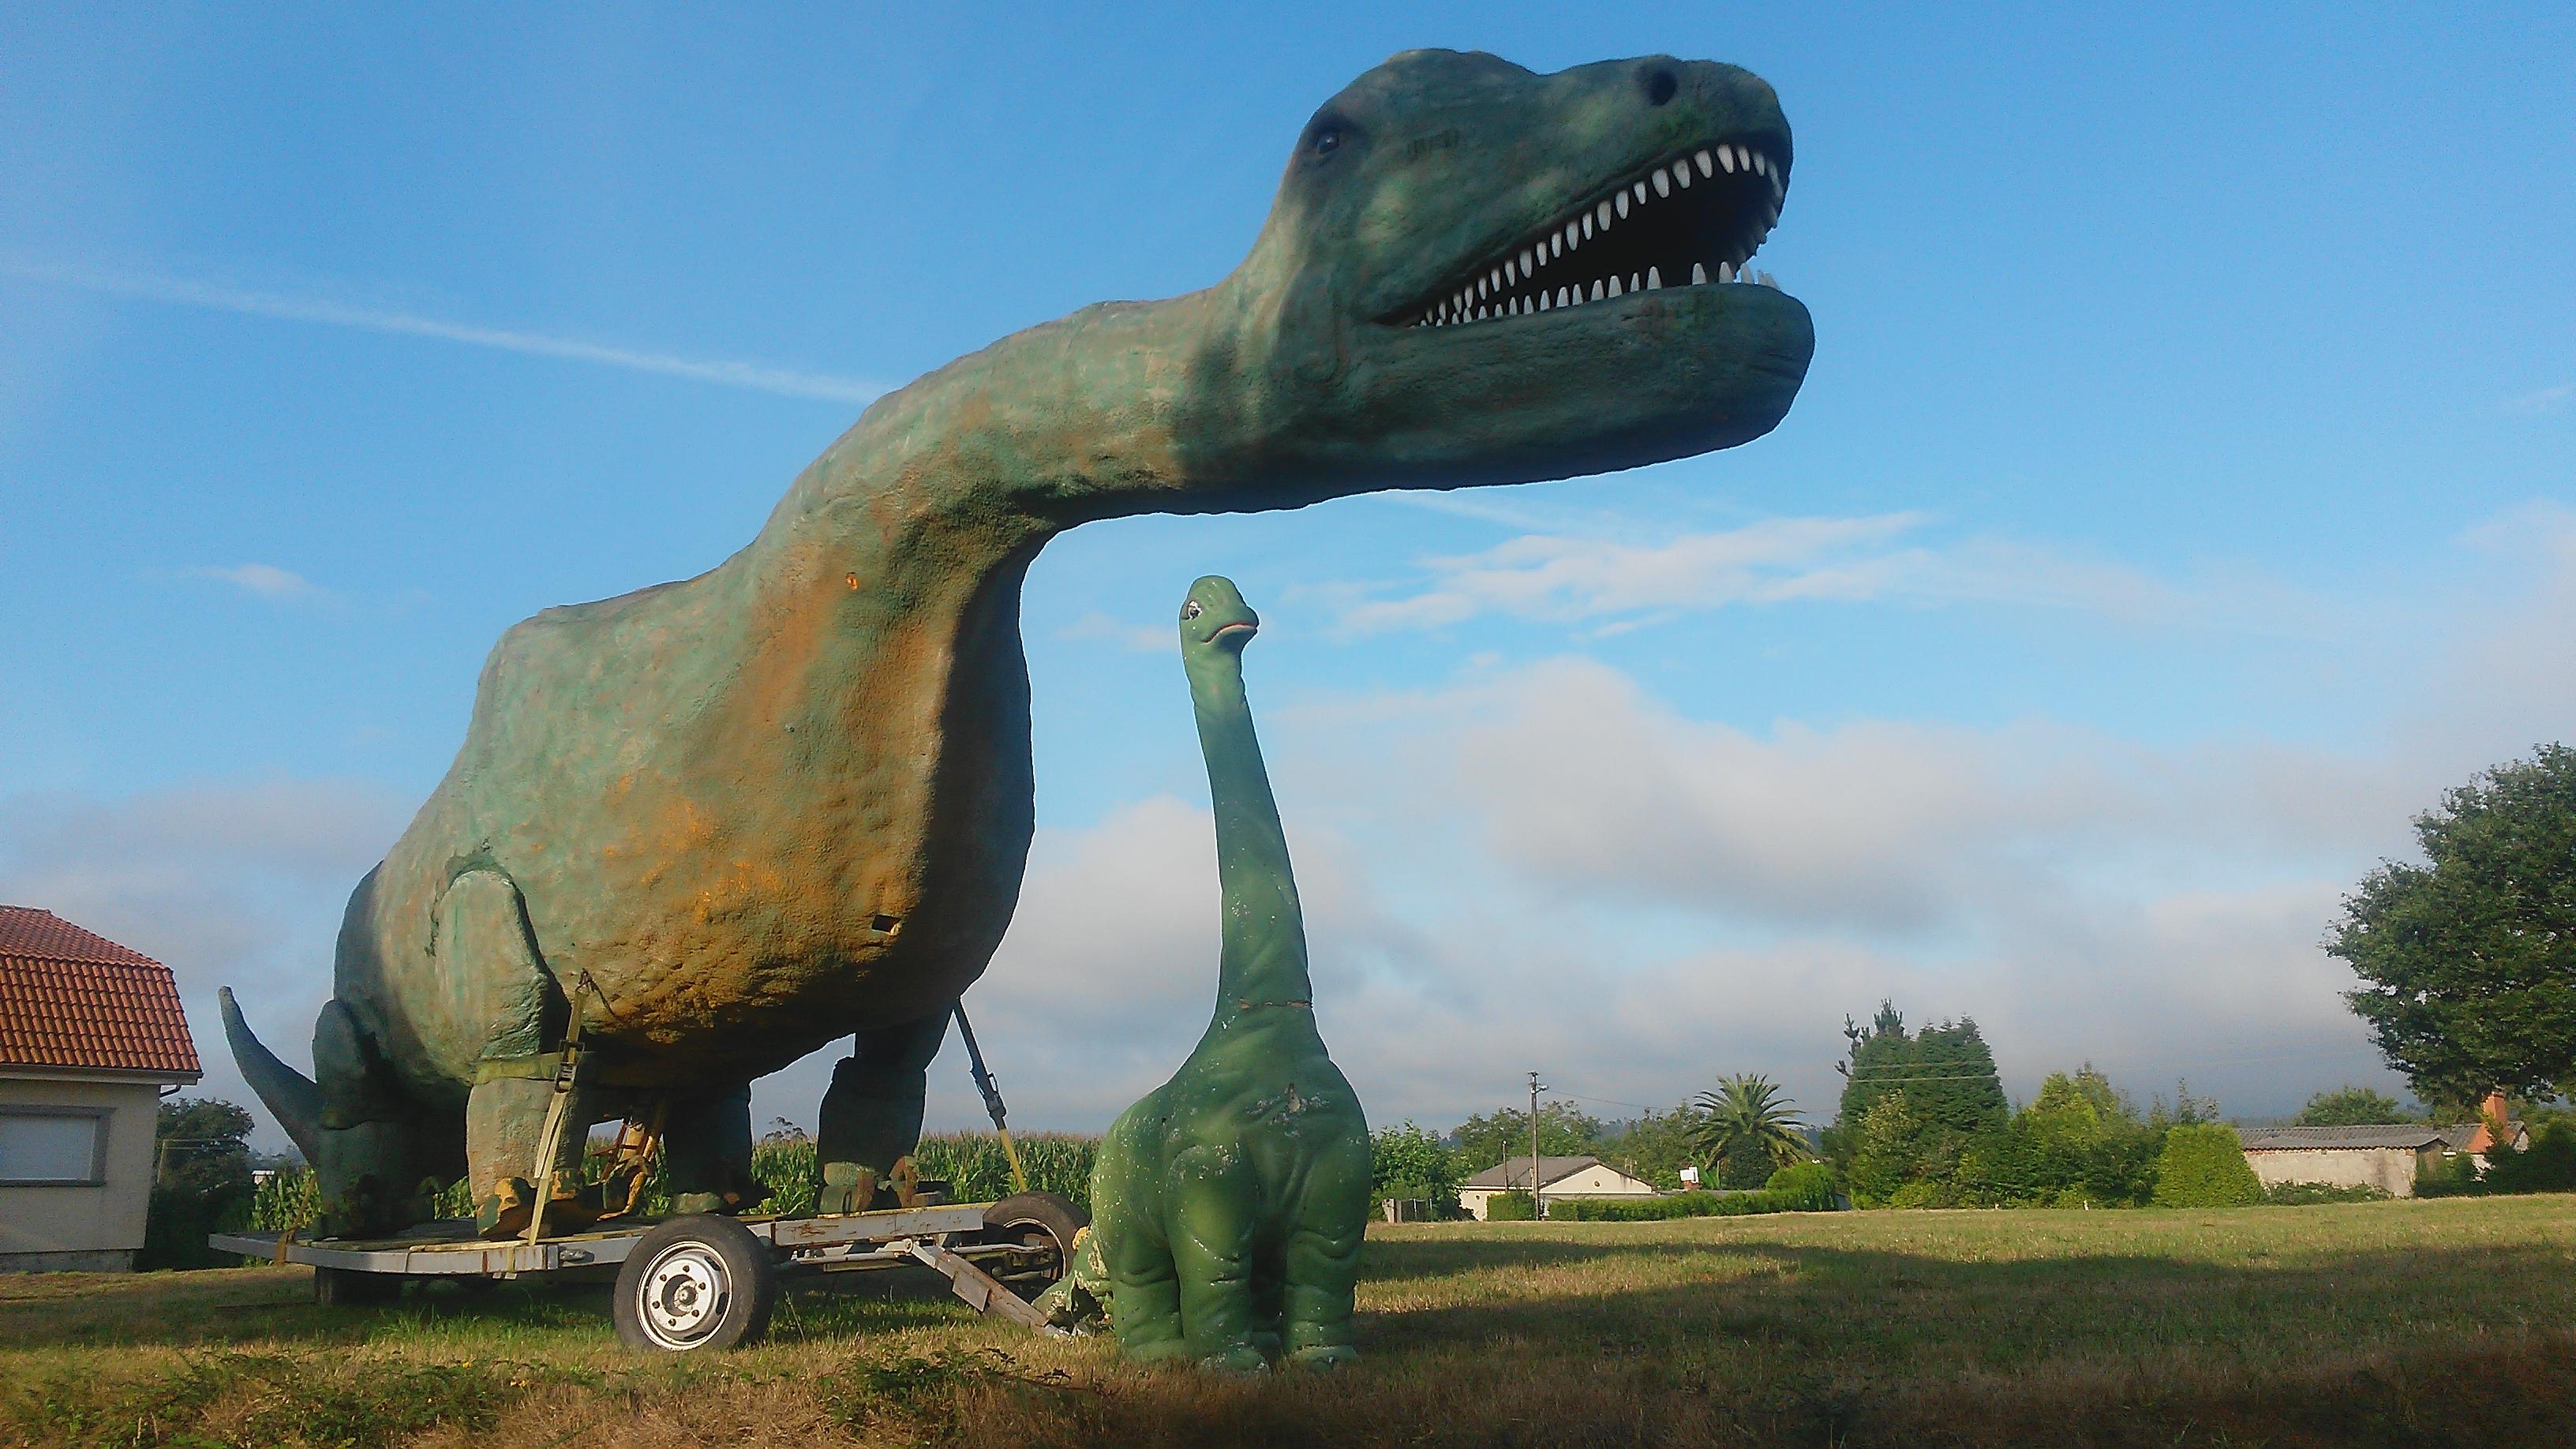 Archivo:Estatuas de dinosaurios en el Concello de Ordes (A Coruña ...